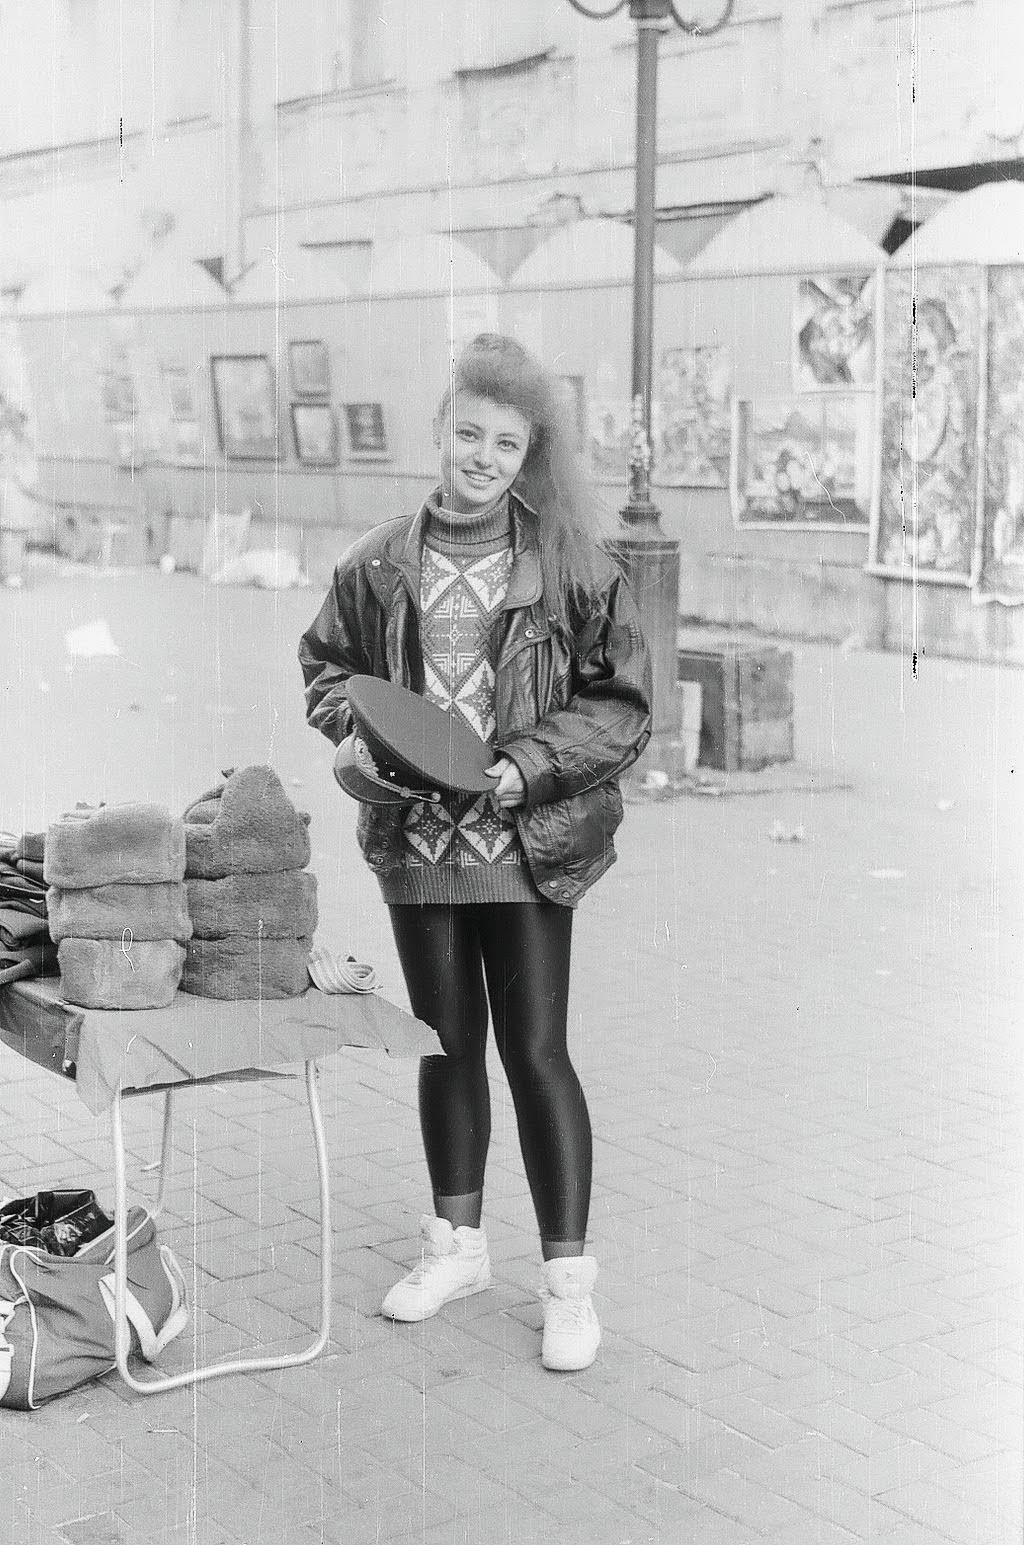 Продавщица военных головных уборов на Арбате